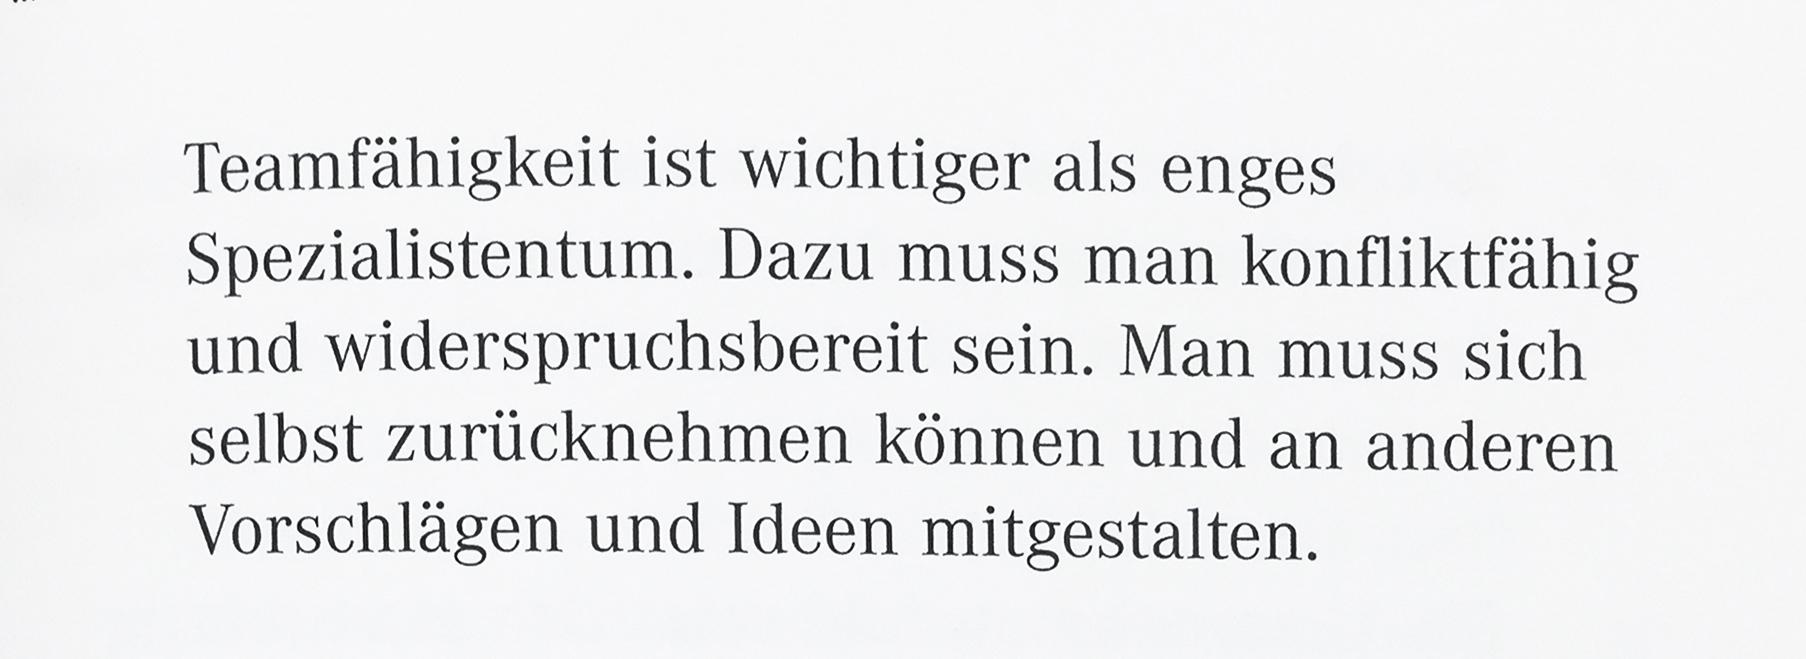 Zitat_K. Weidemann